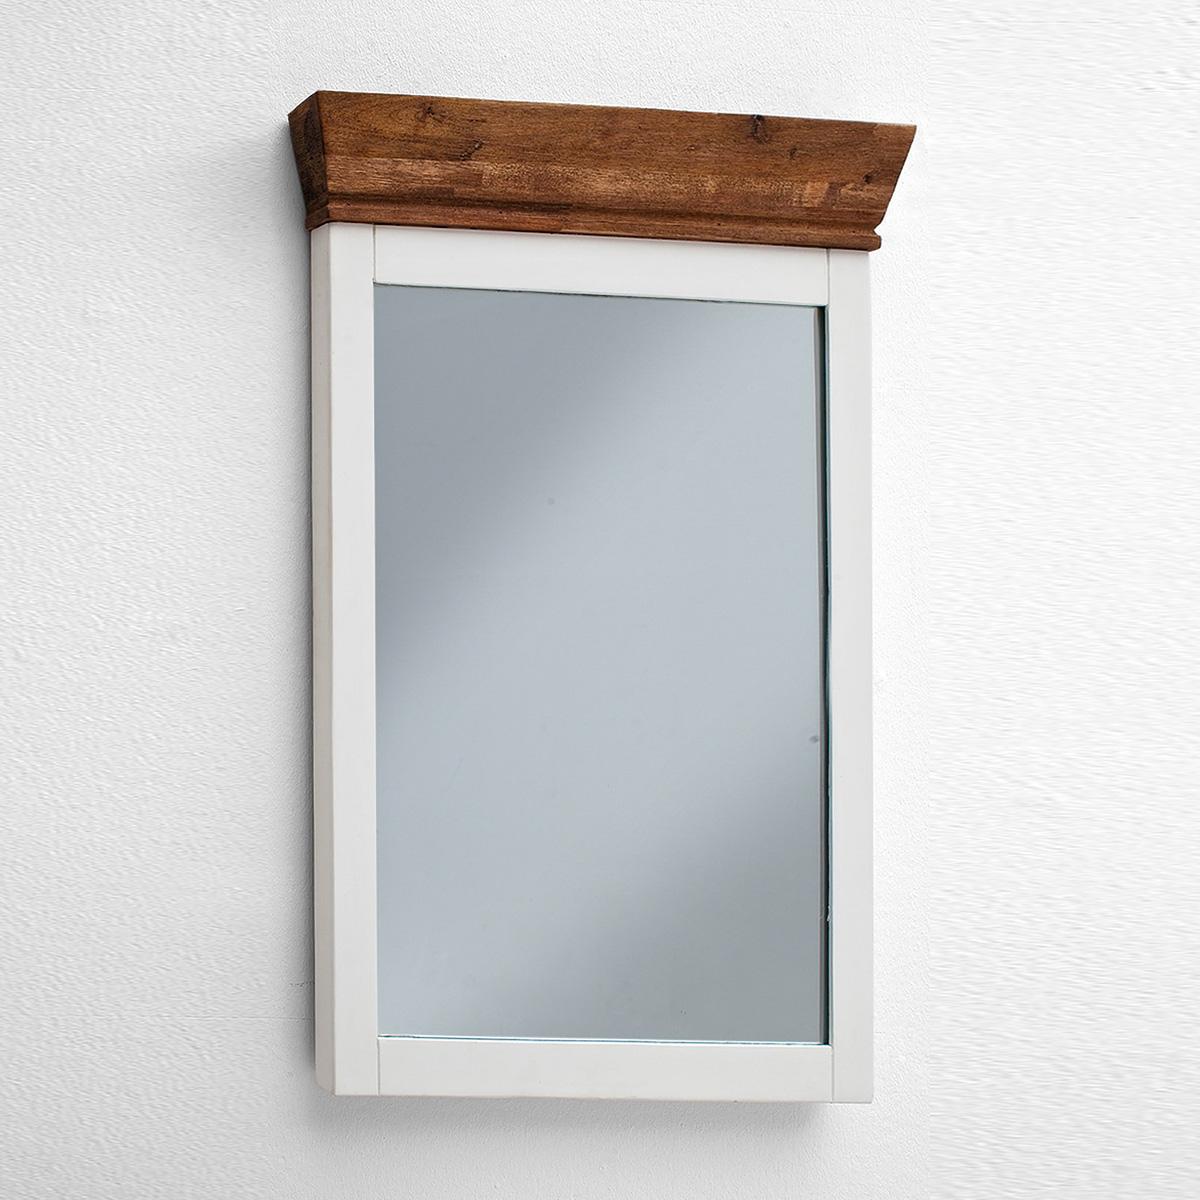 spiegel malin wandspiegel dekospiegel in akazie teilmassiv wei lack. Black Bedroom Furniture Sets. Home Design Ideas